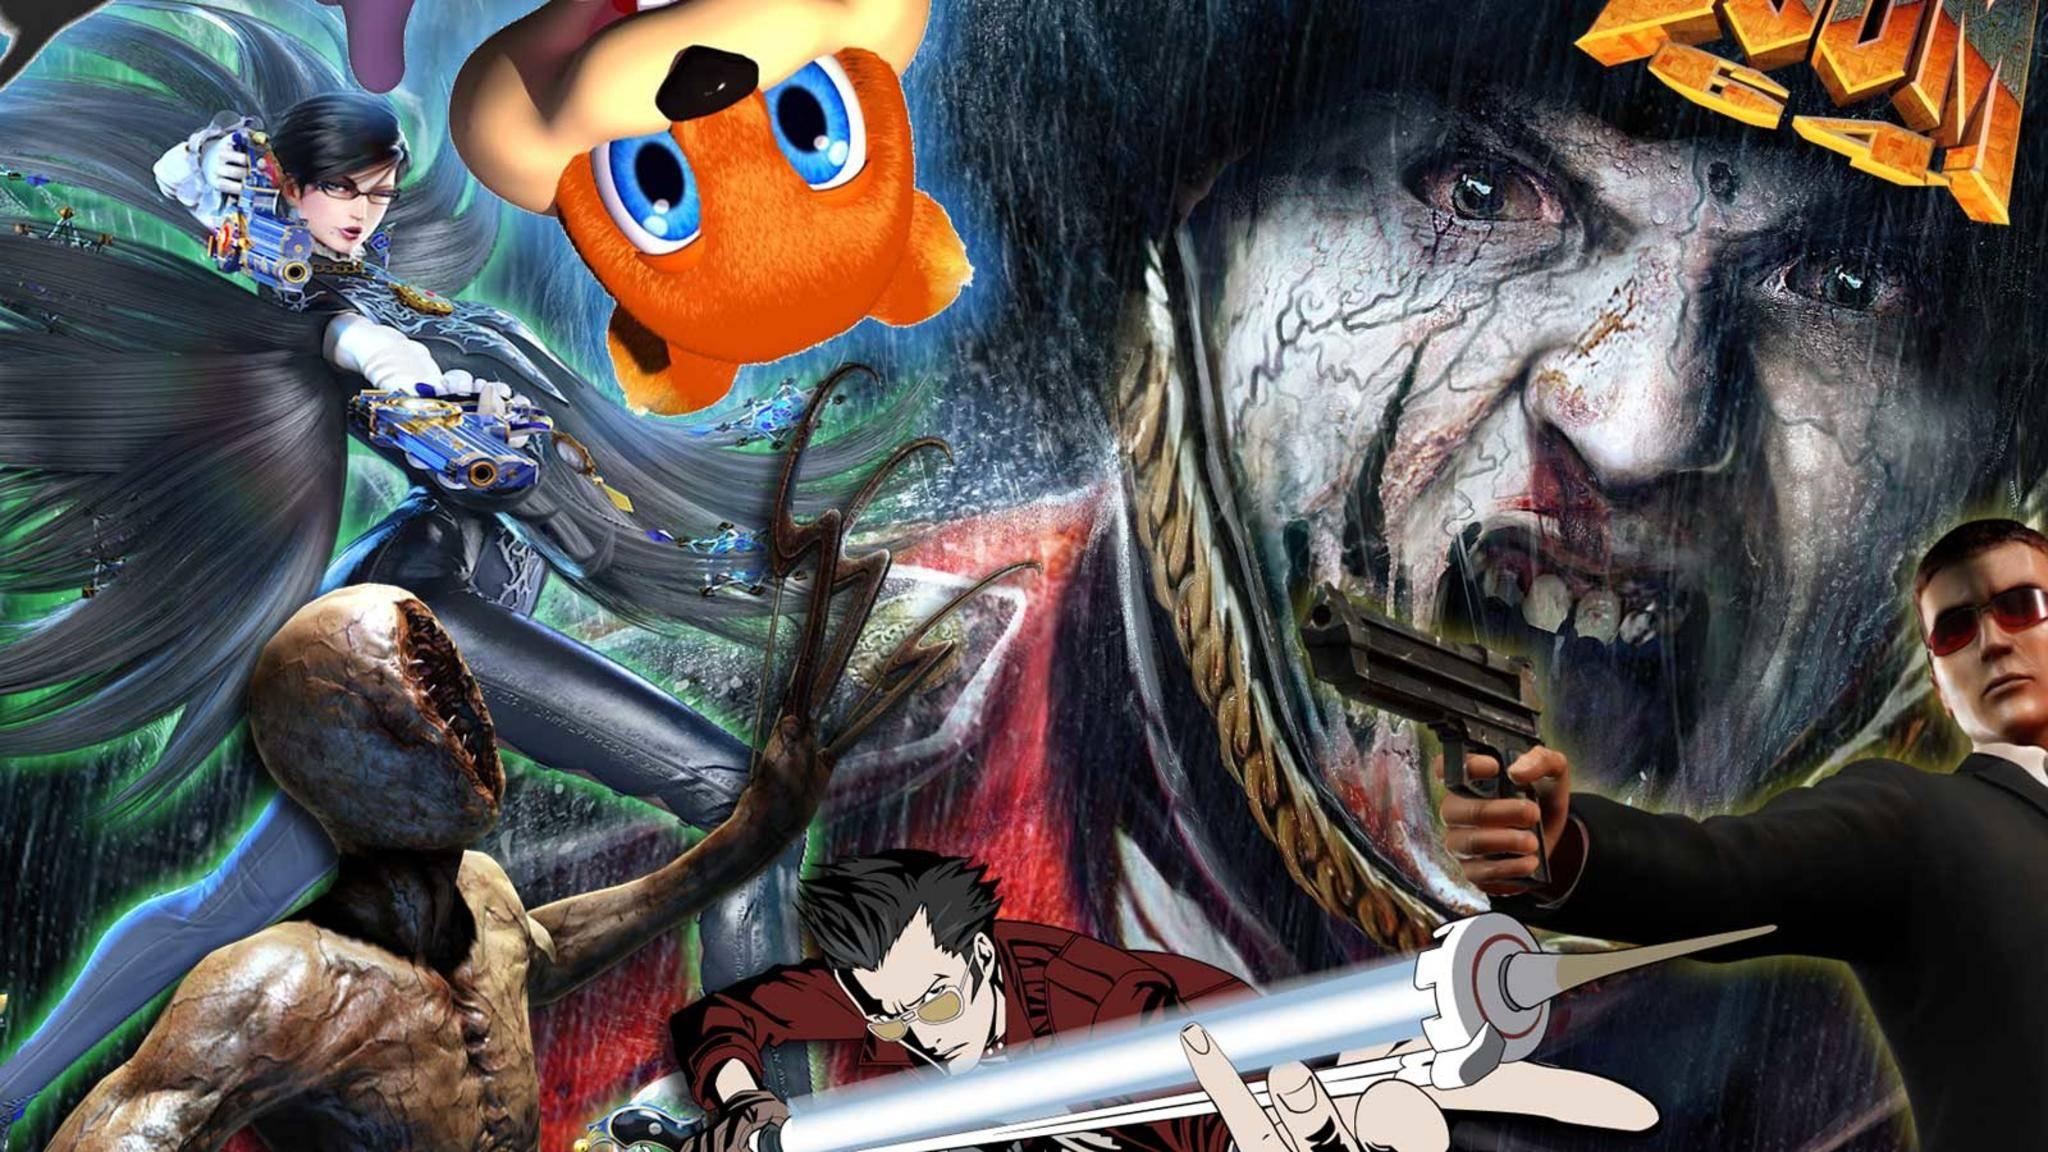 Spiele für Erwachsene auf Nintendo-Konsolen